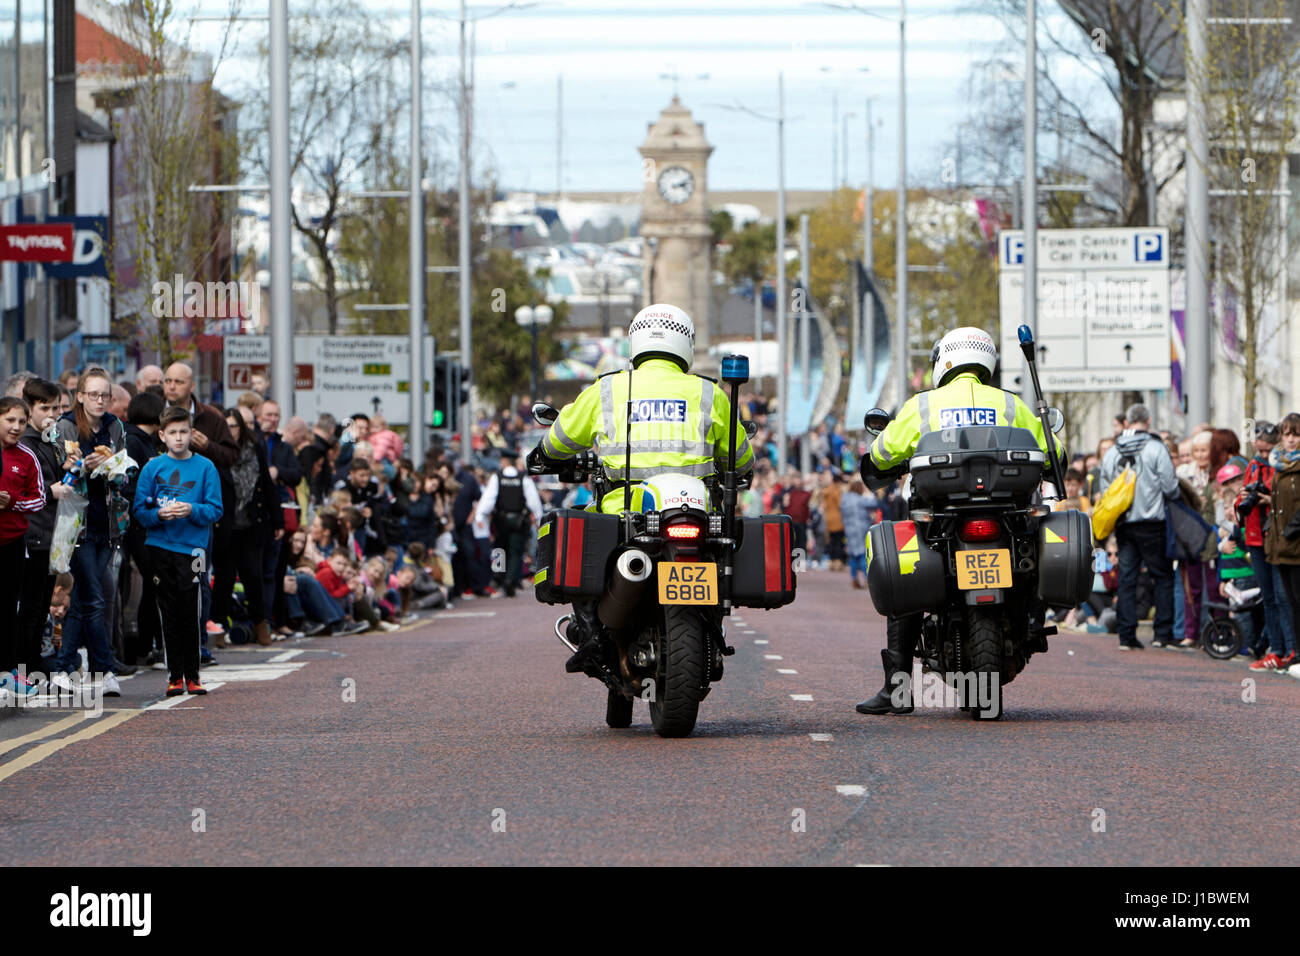 PSNI Polizist Verkehrspolizei auf Bmw Motorrad während einer touristischen Veranstaltung Parade in Bangor-Nordirland Stockbild